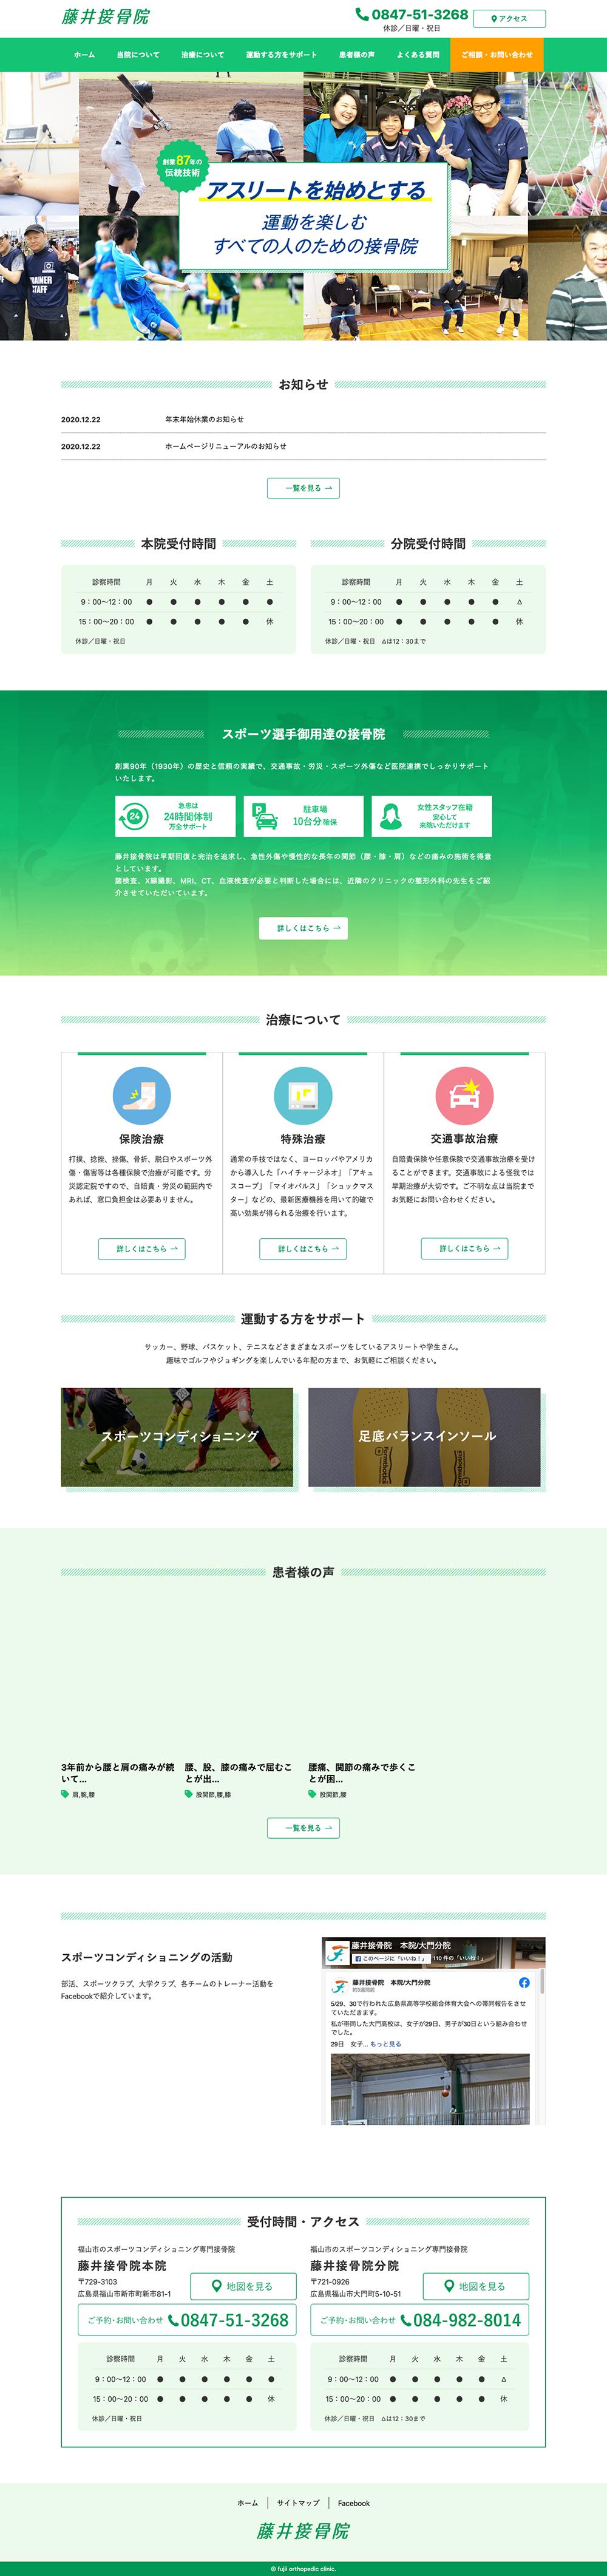 藤井接骨院Webサイト